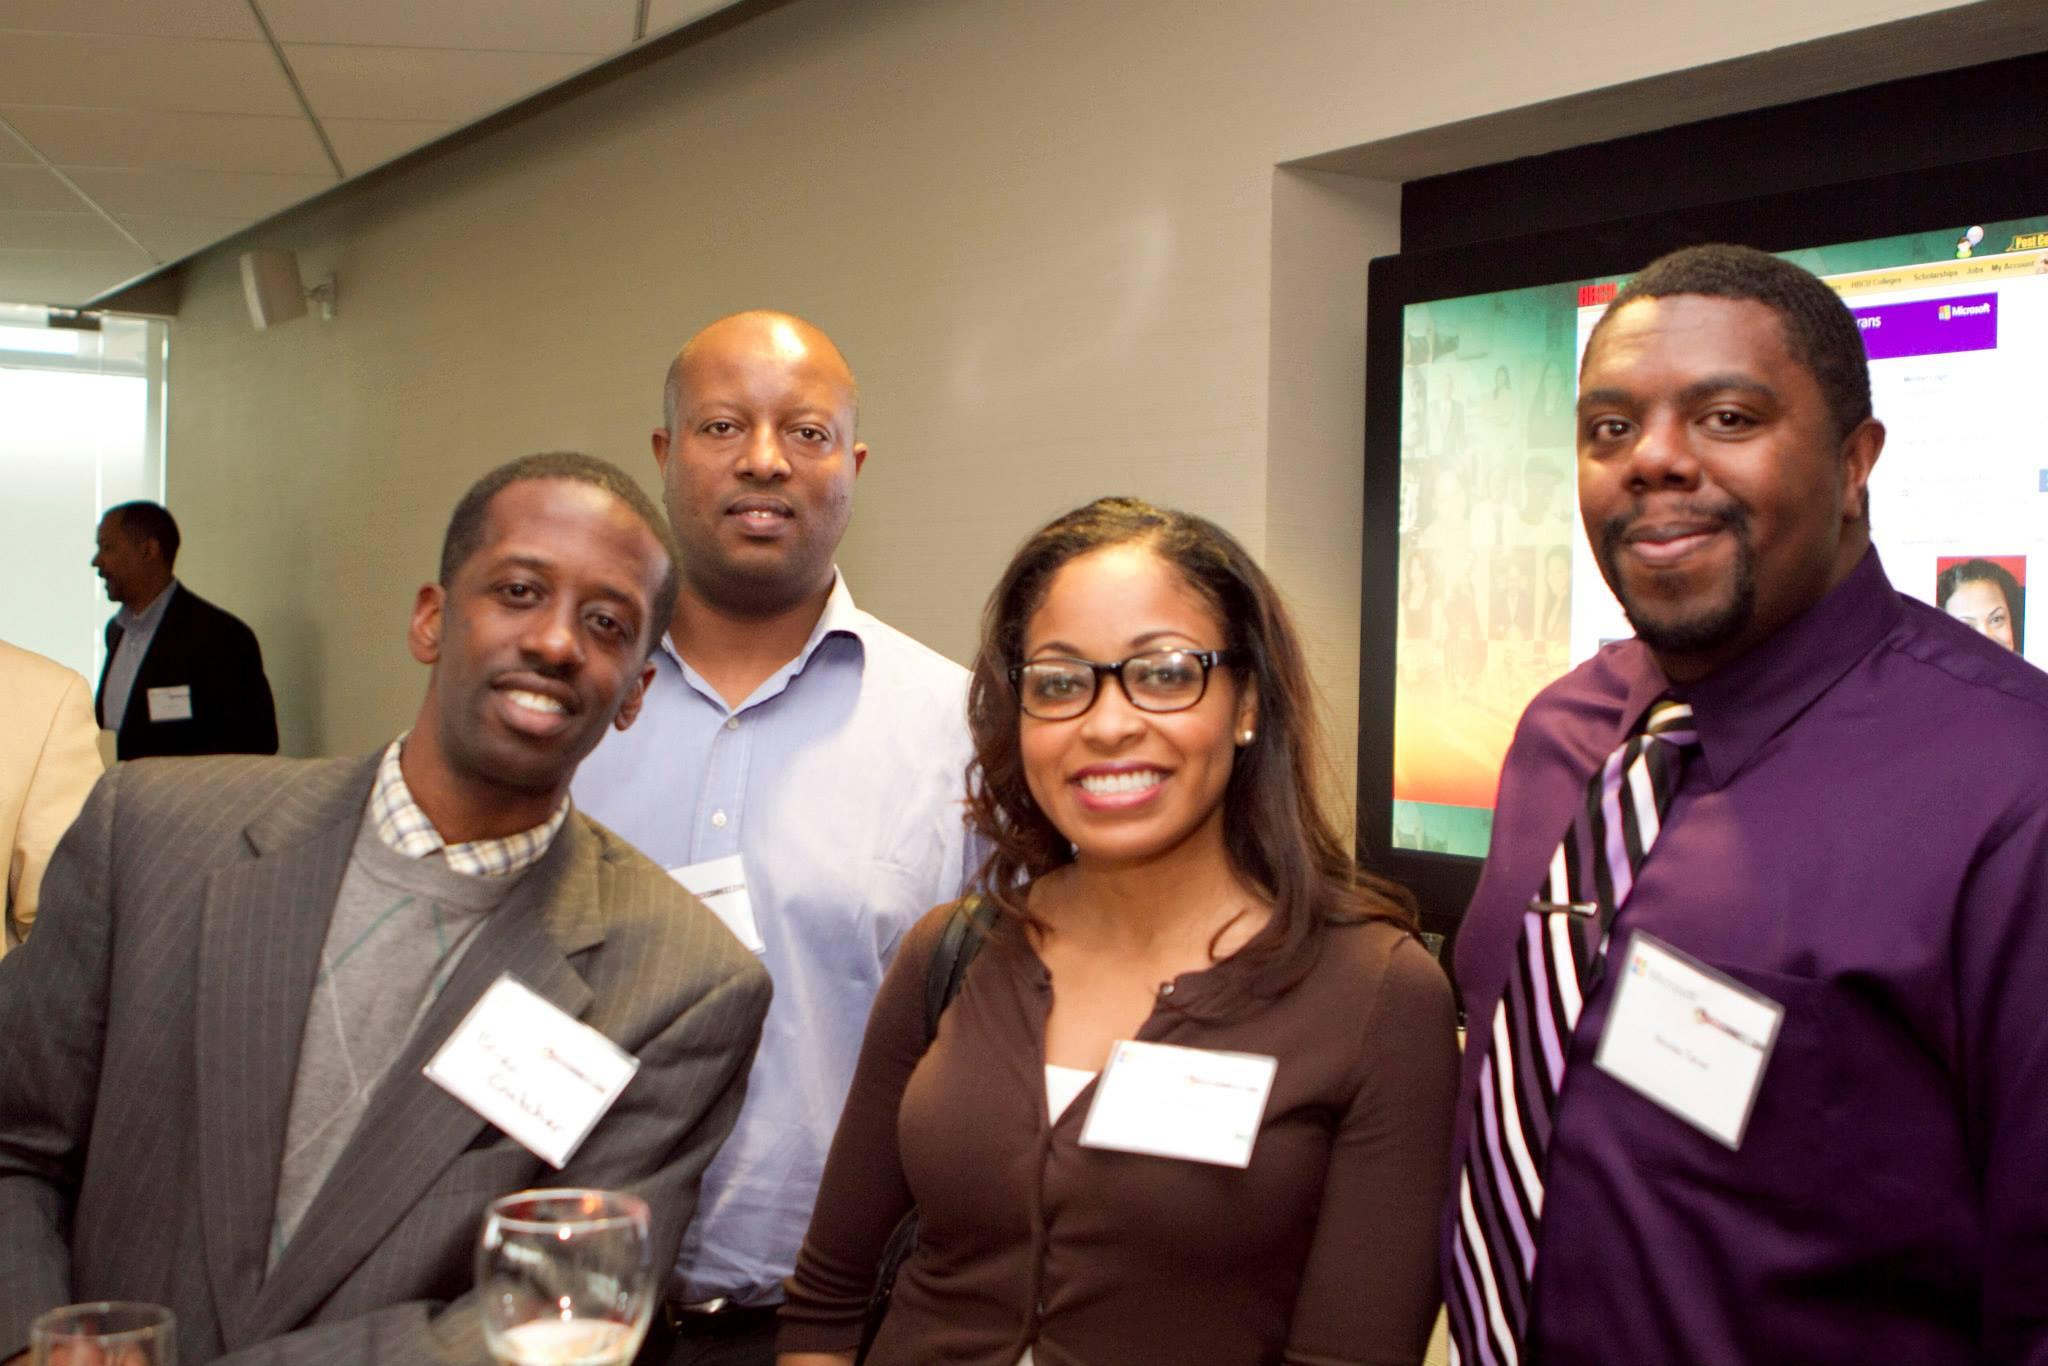 Black professionals meet